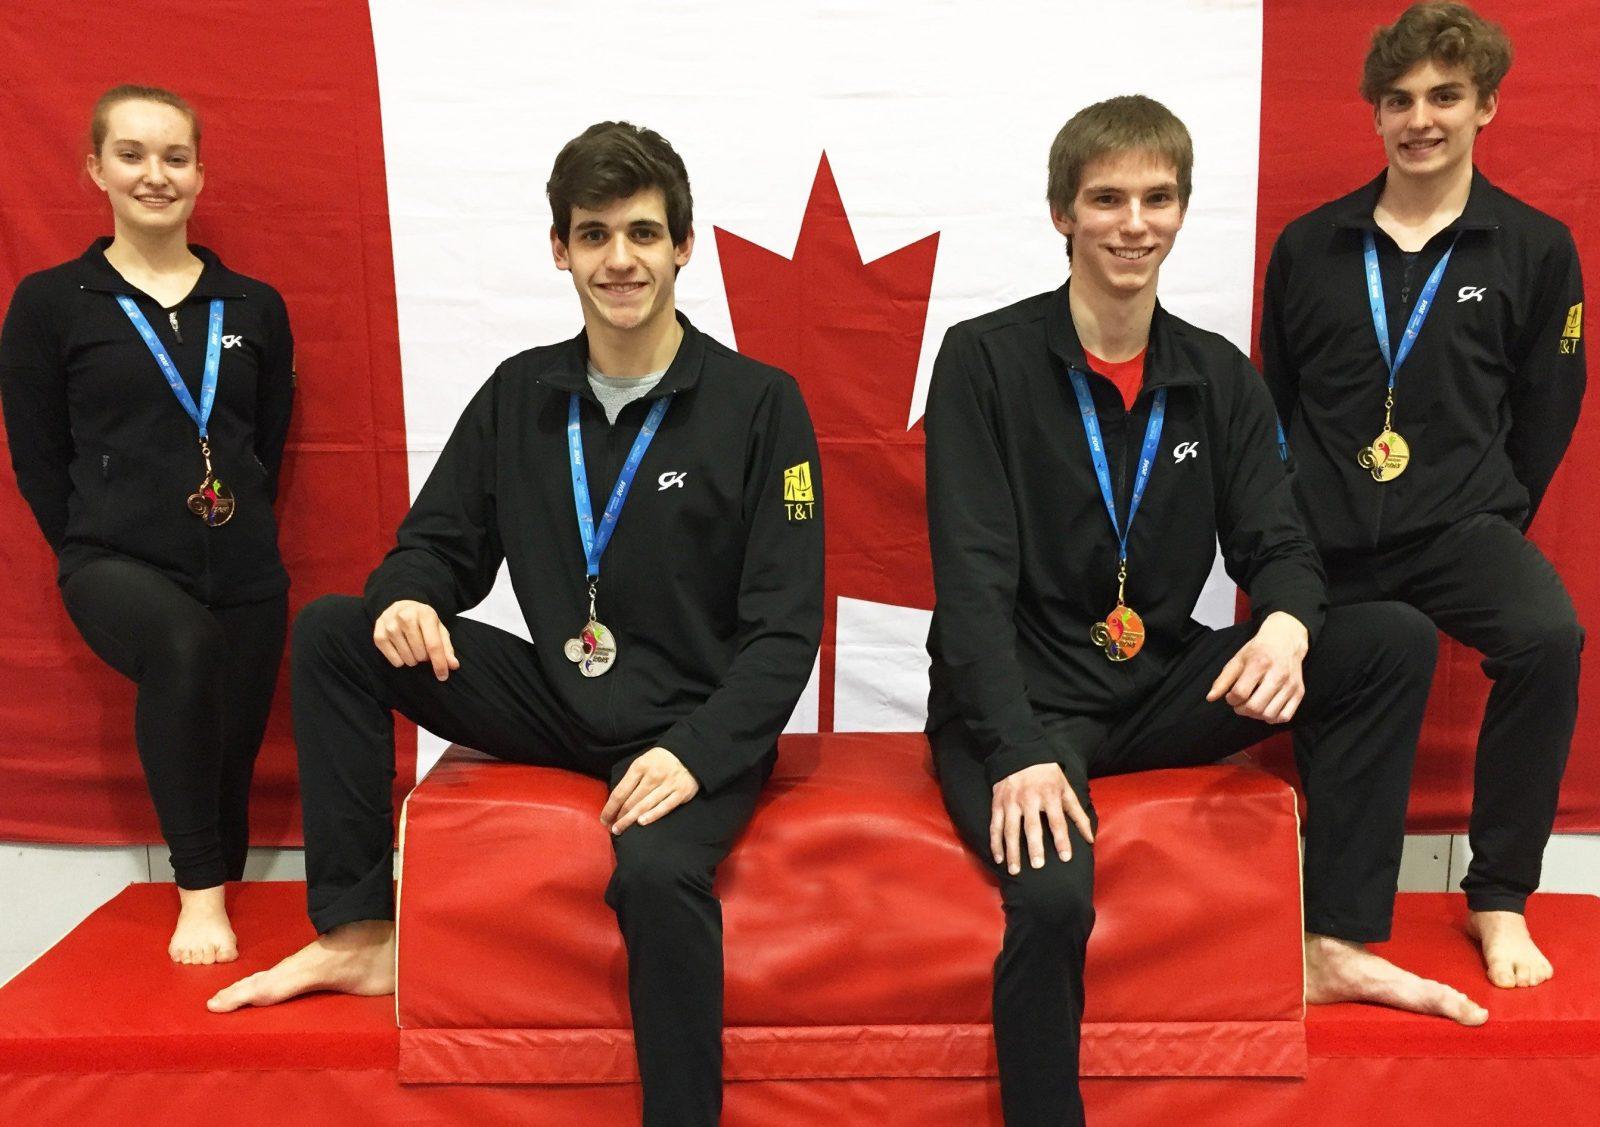 Drummond Gym bien représenté aux championnats canadiens